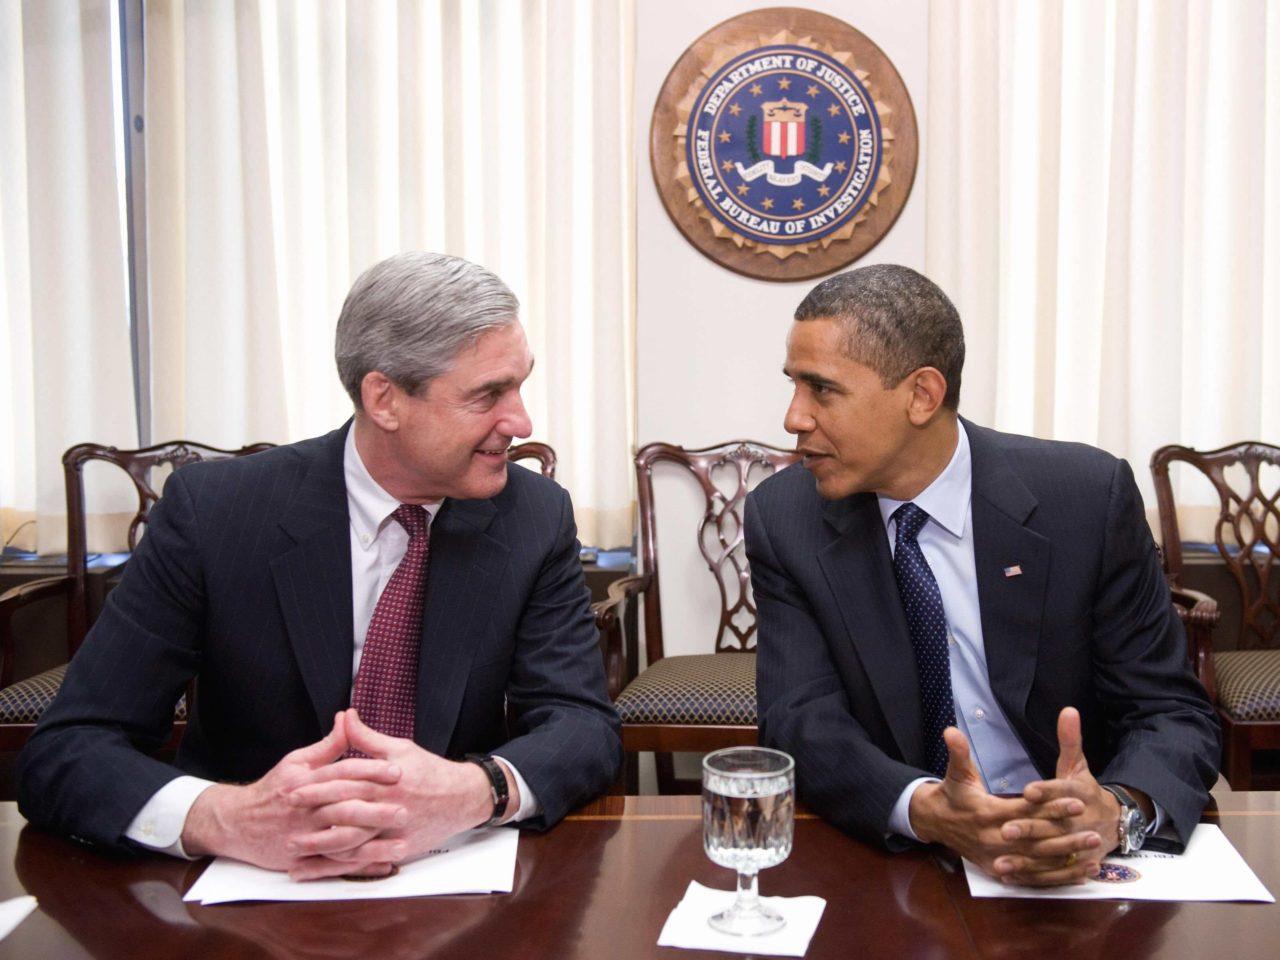 Image result for mueller and obama